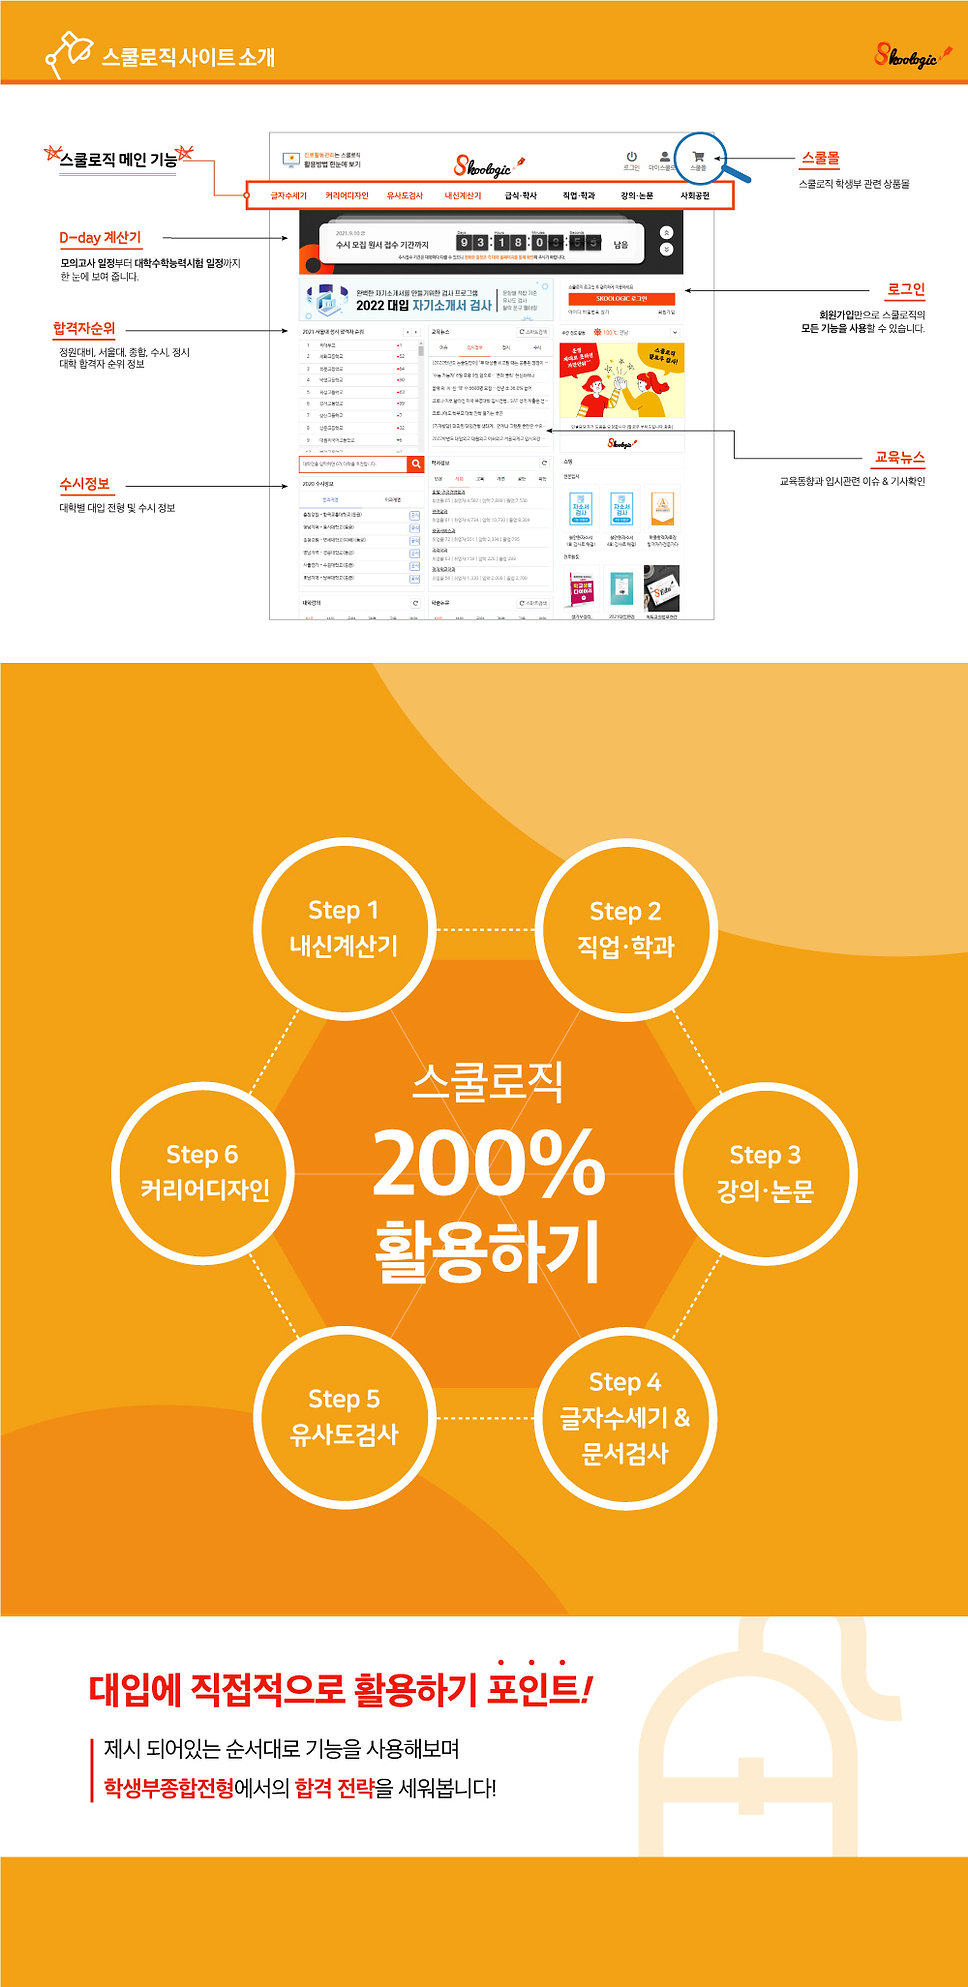 스쿨로직메인홈페이지소개.jpg